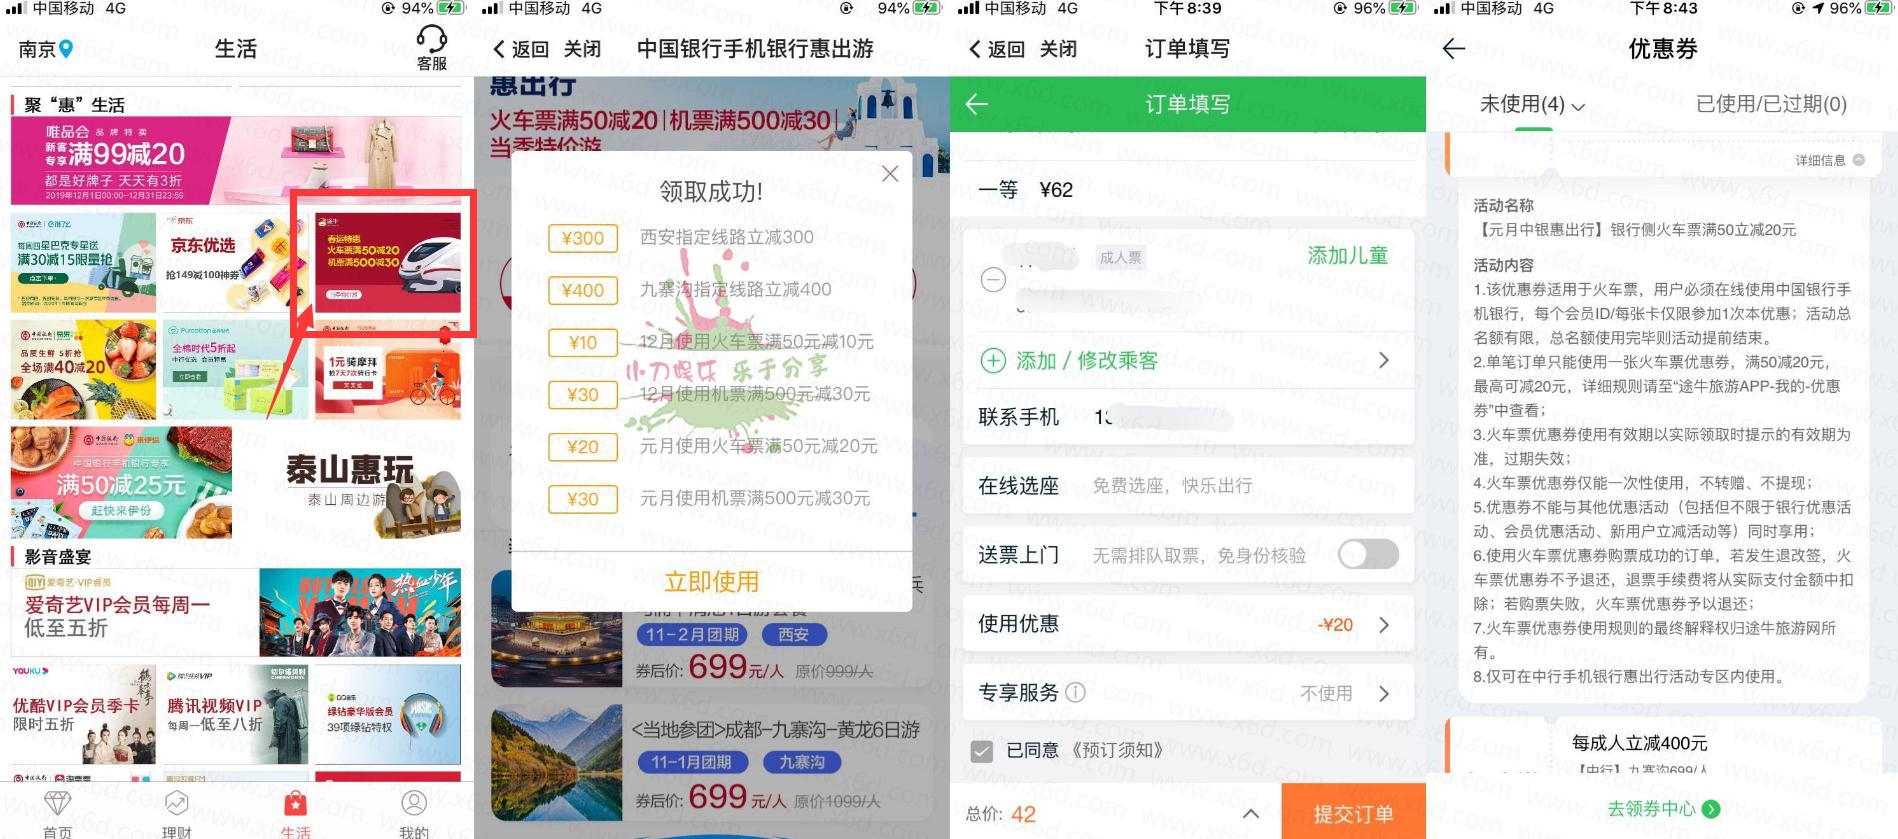 中国银行领途牛50减20火车票券